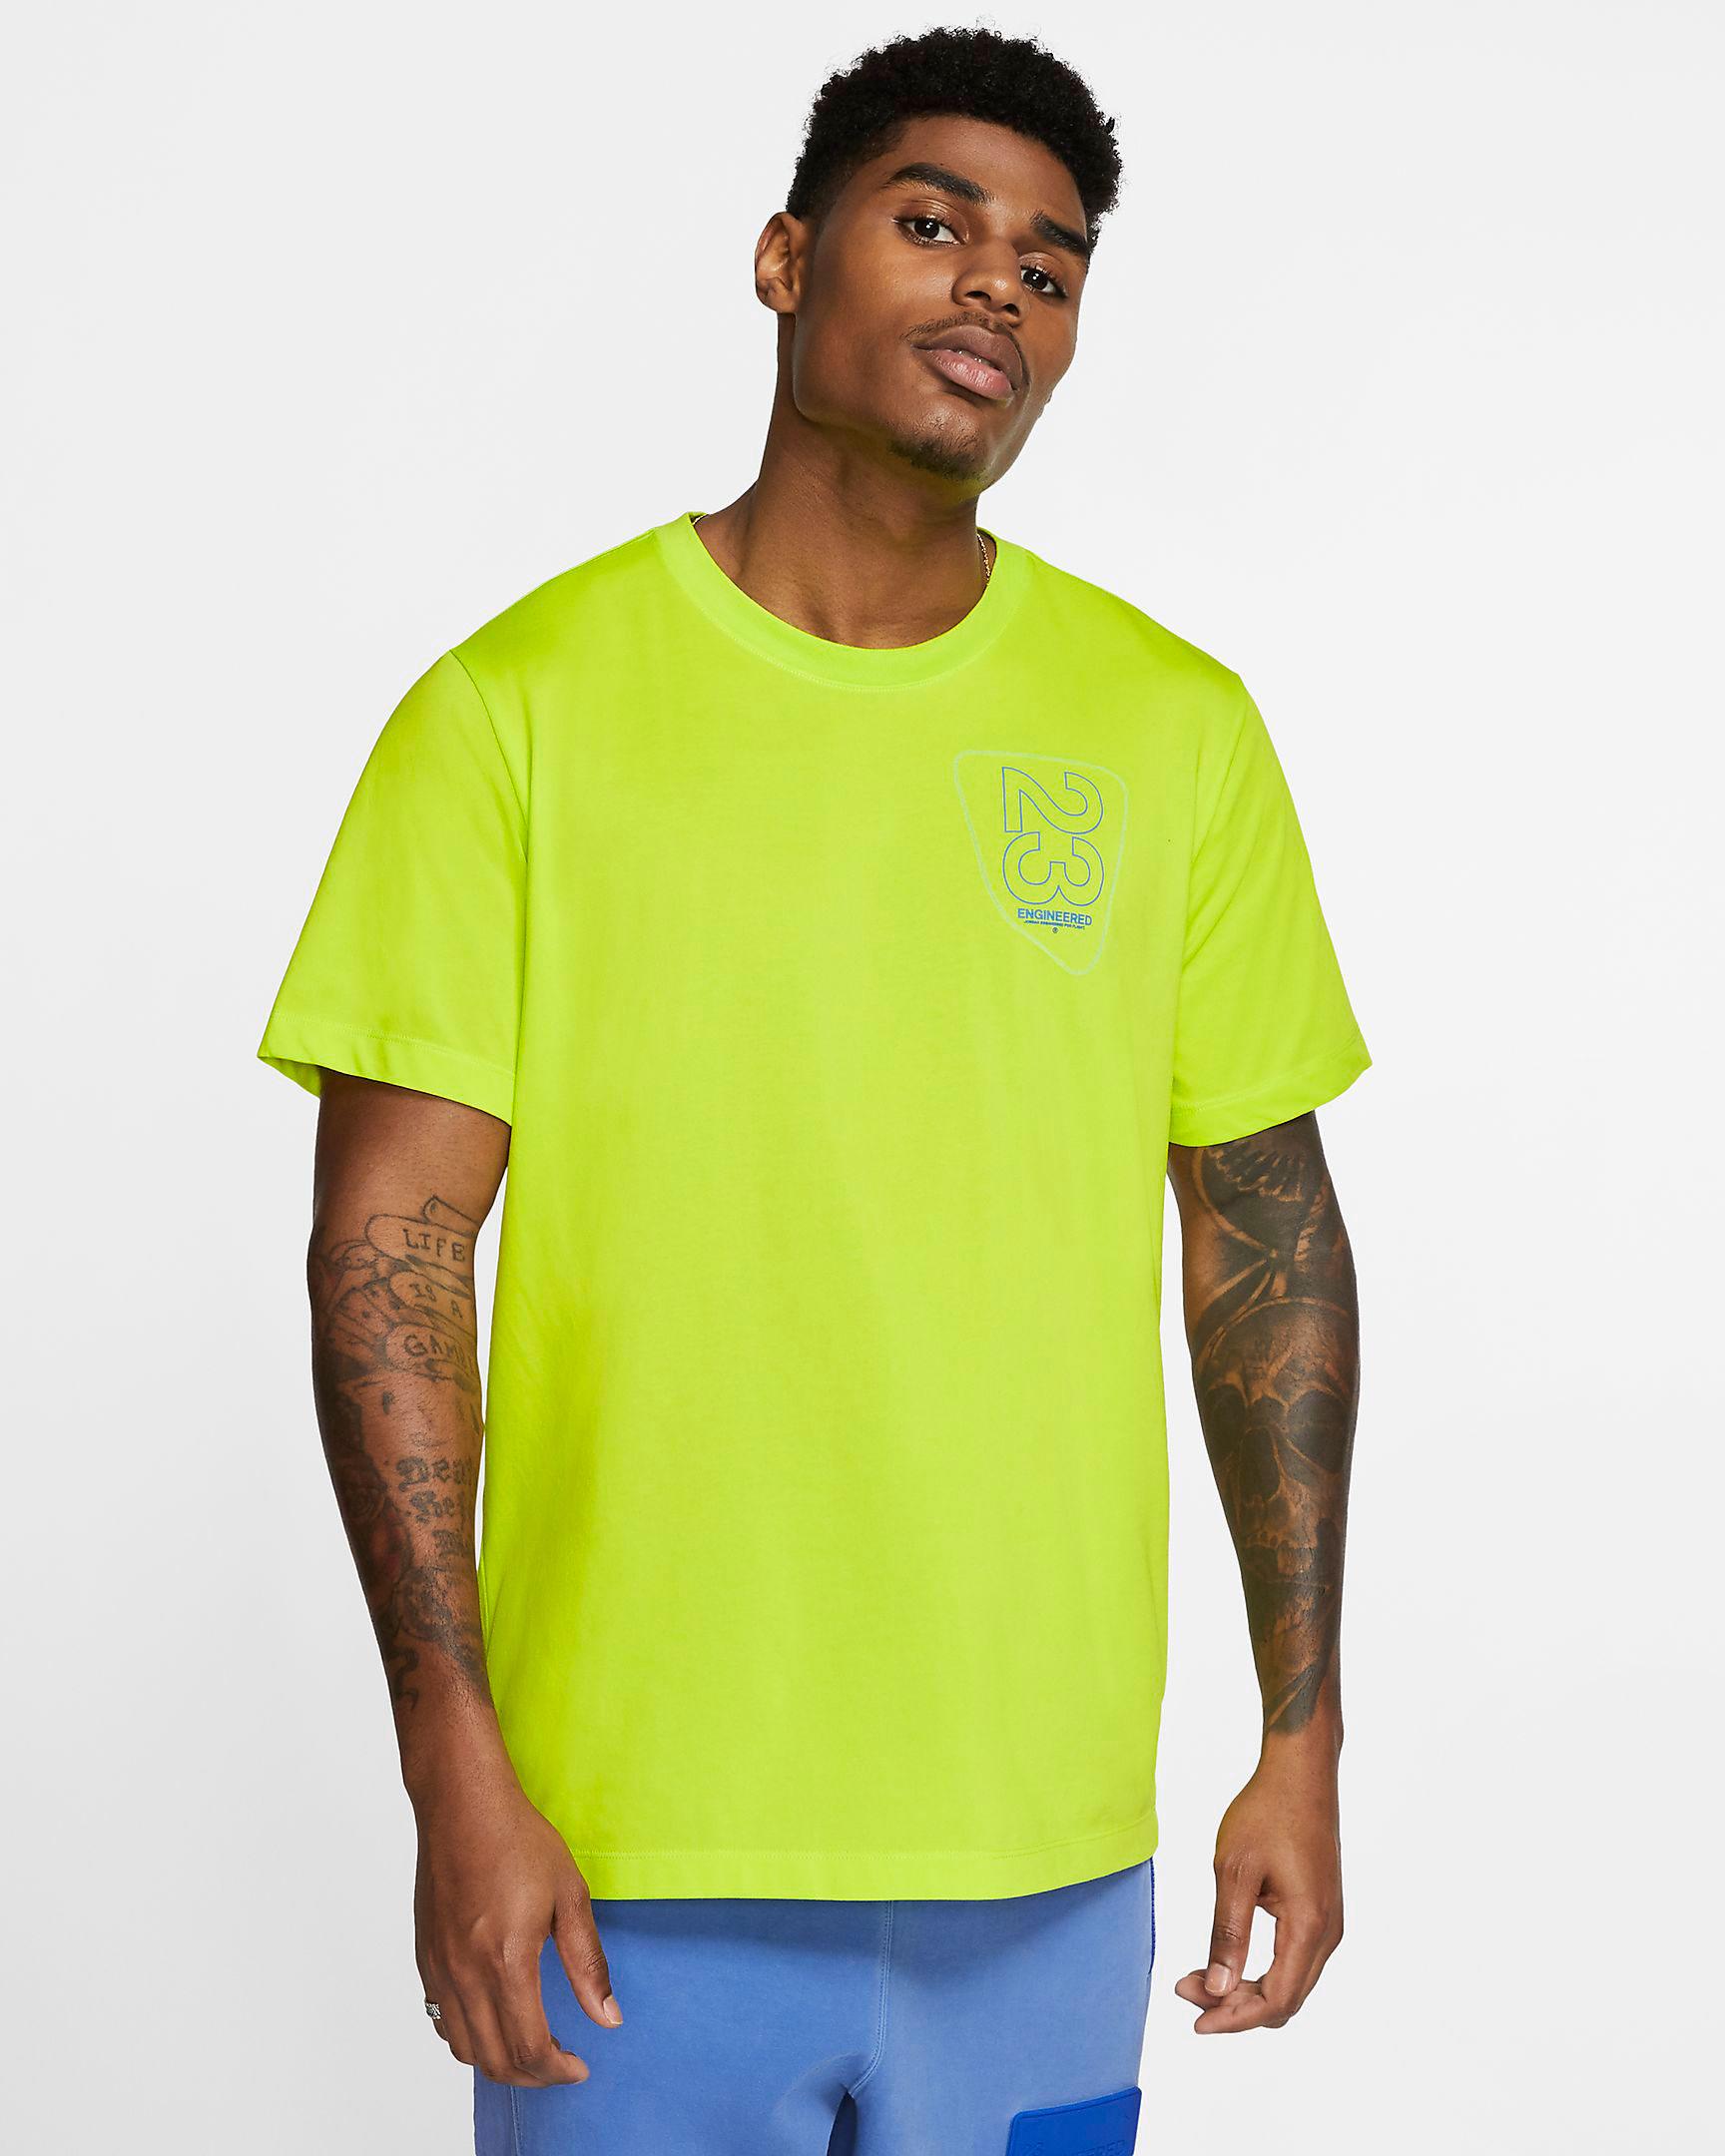 jordan-5-ghost-green-bel-air-shirt-match-1